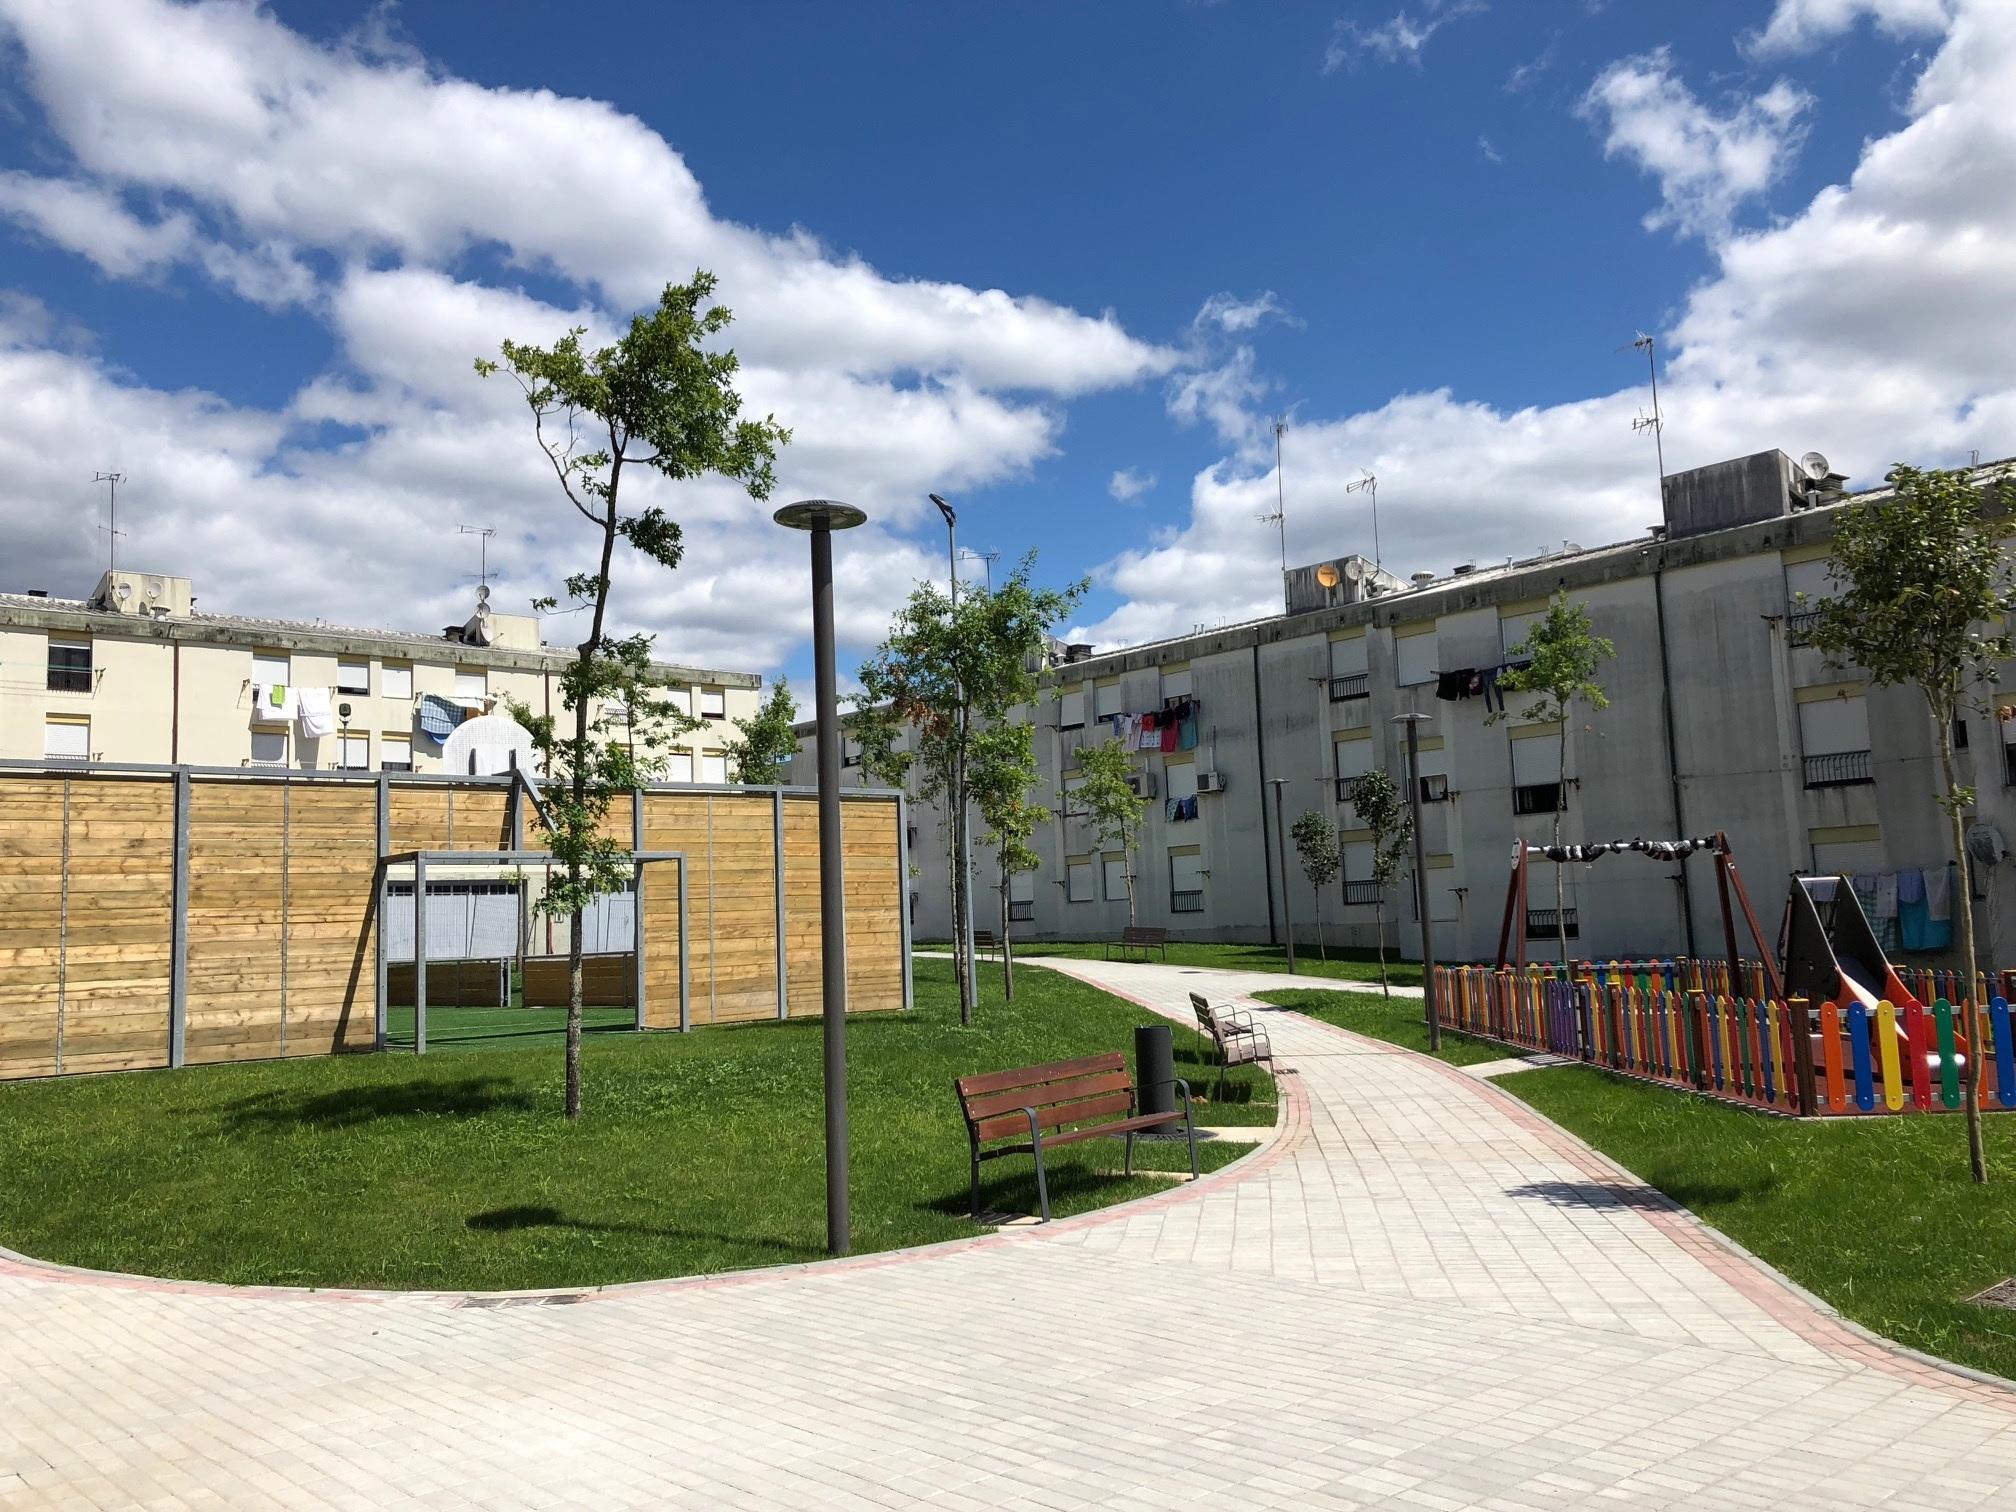 Parque de lazer de Agrelos inaugurado no próximo domingo em Ponte da Barca